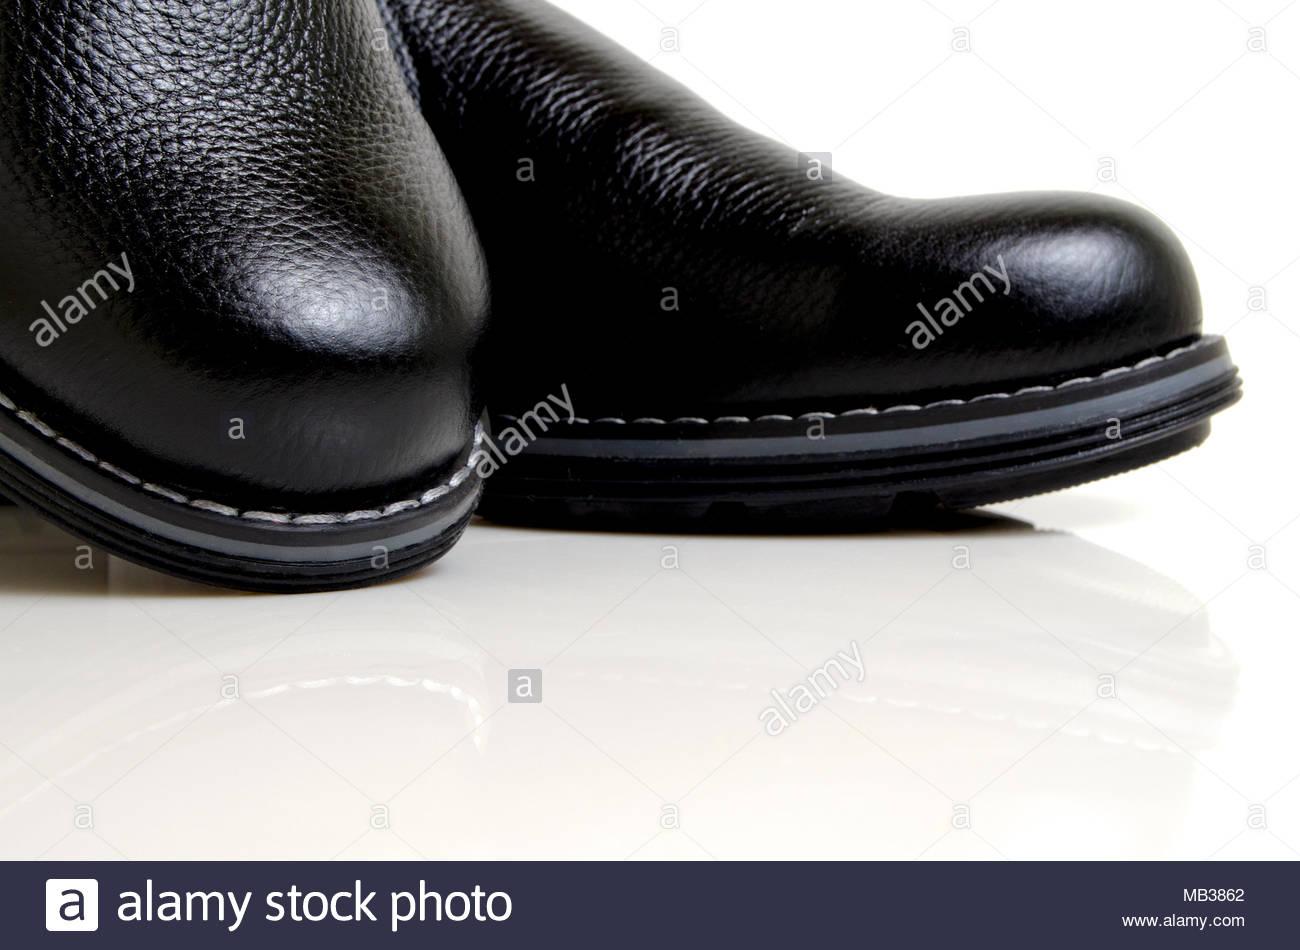 Genähte Schuhe Stockfotos & Genähte Schuhe Bilder Alamy